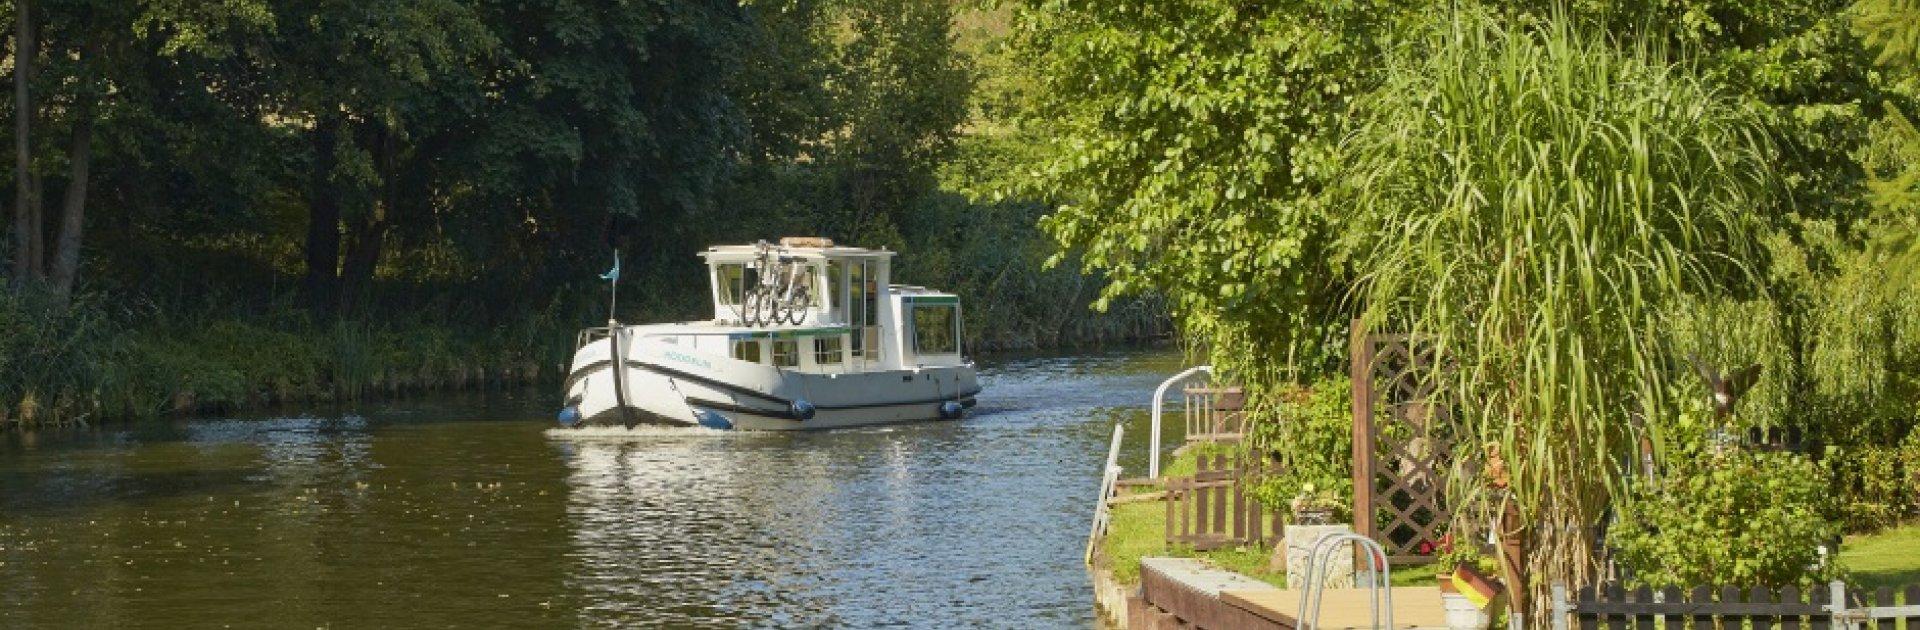 Hausboot-Urlaub Havel & Spree, Brandenburg | Bootsferien